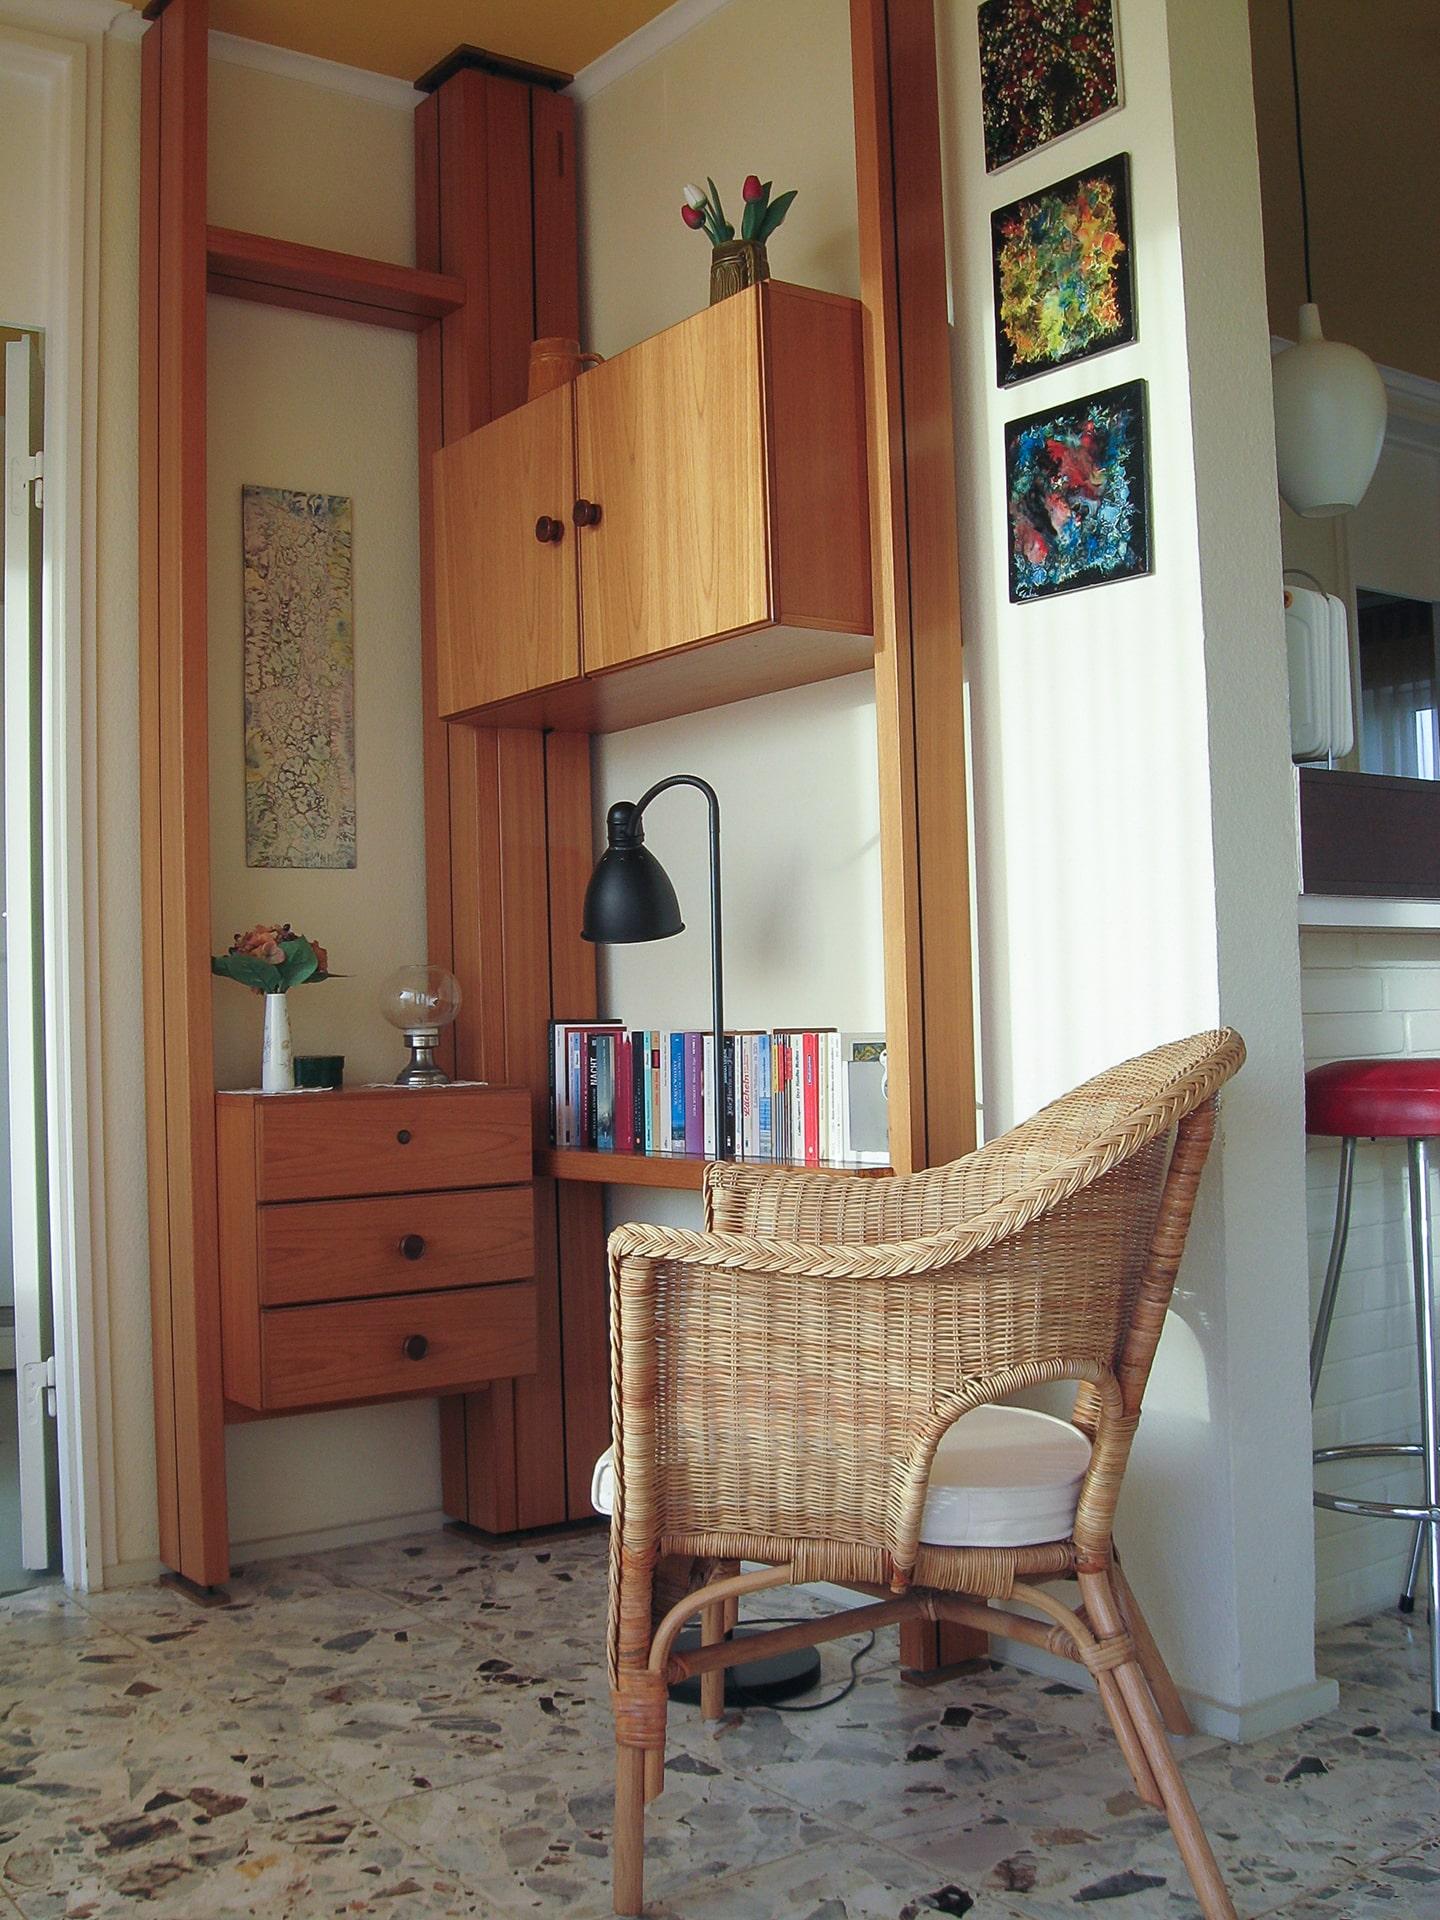 malerhaus-kuhse-ferienwohnung-hohes-ufer-leseecke